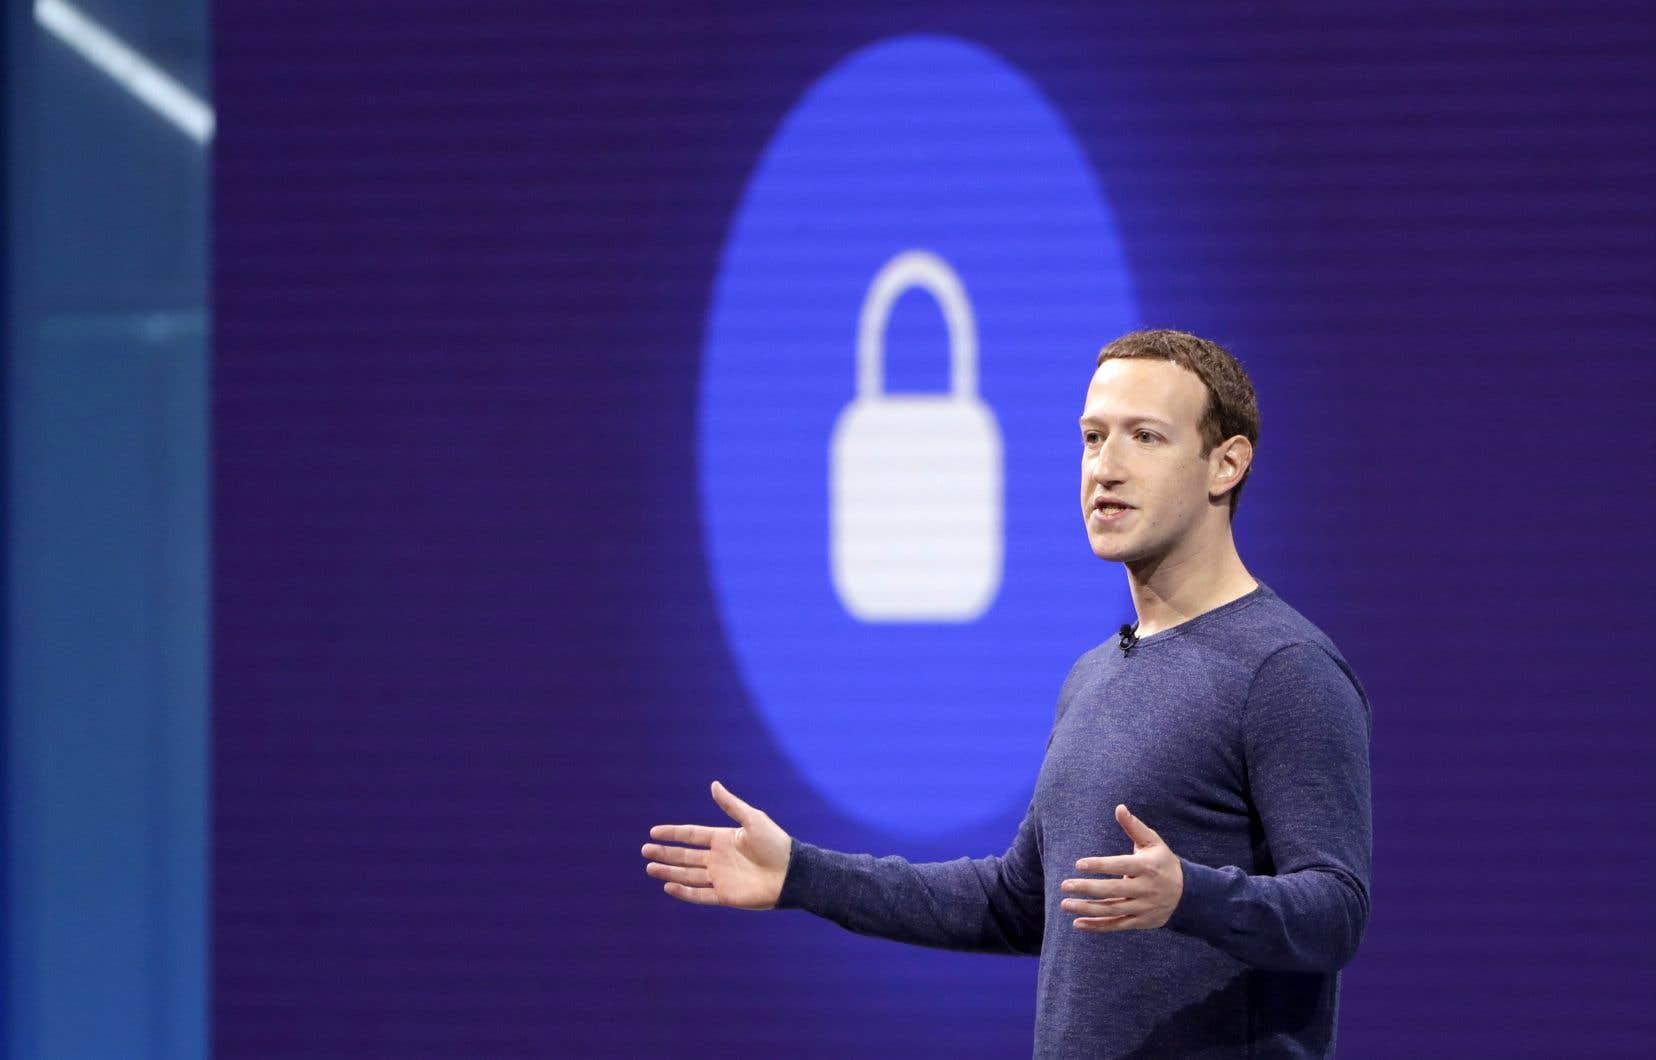 Pour Mark Zuckerberg,Facebook doit devenir une plateforme plus unifiée, «plus simple», et plus centrée sur les échanges privés.